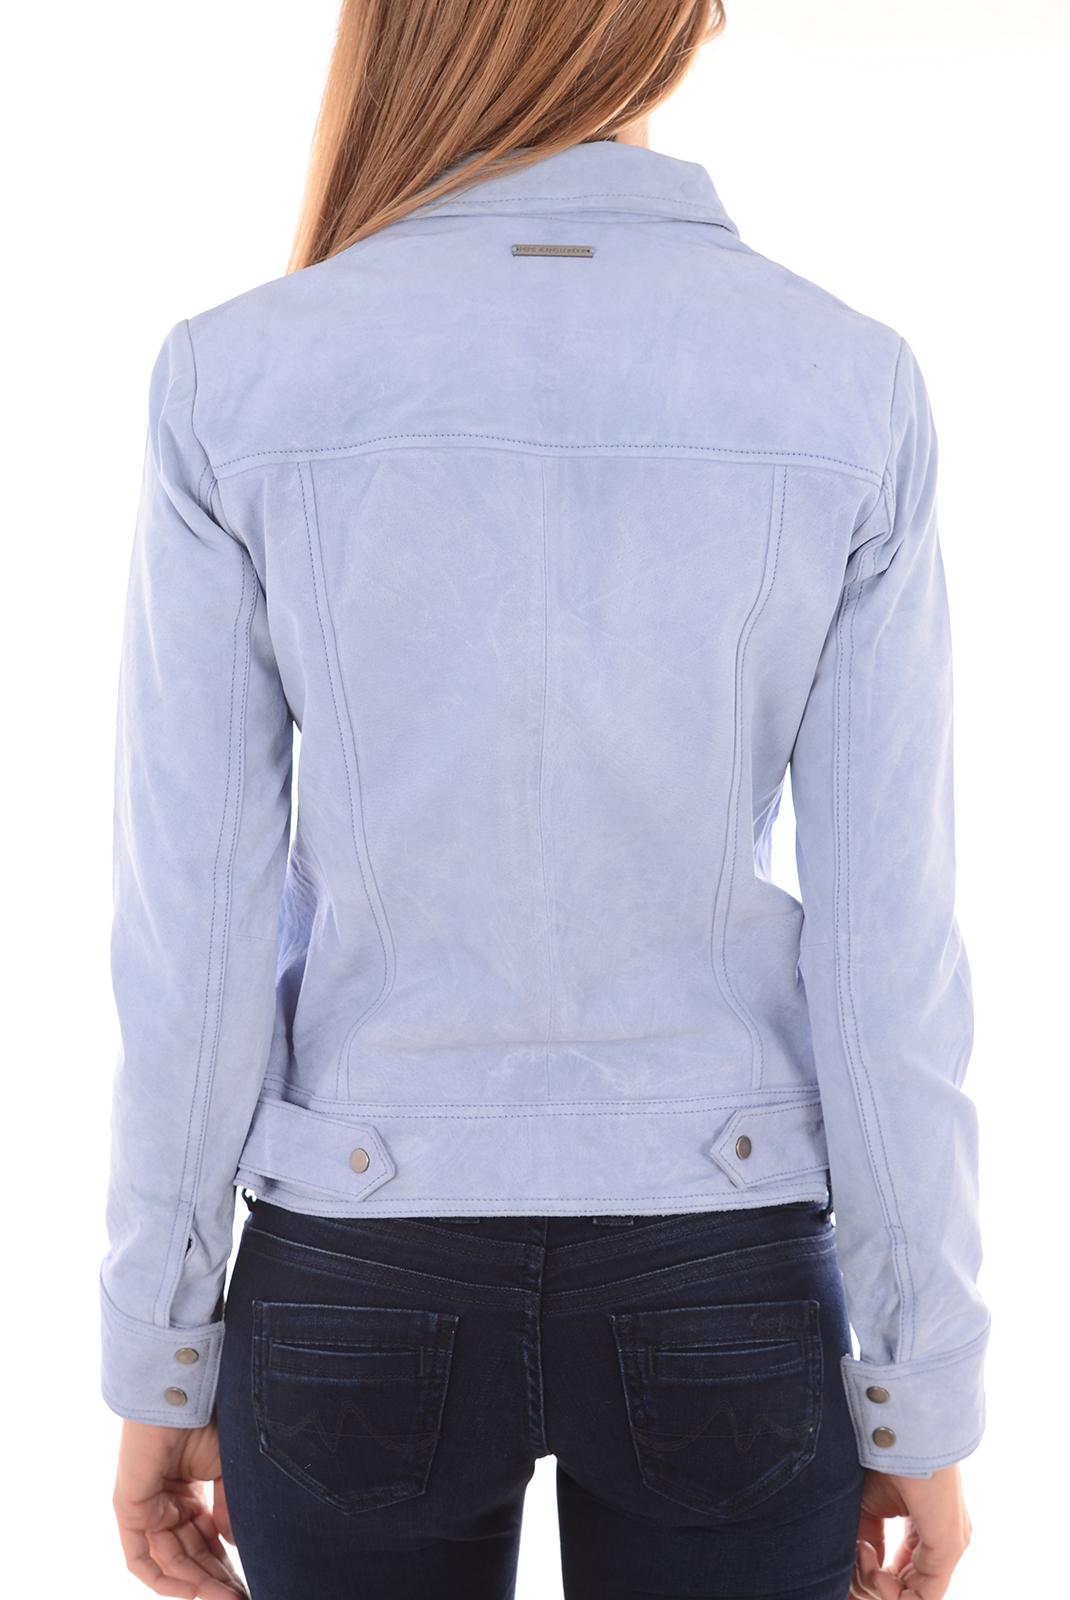 Vestes & blousons  Pepe jeans PL401020 JESSICA 525 AZURE BLUE